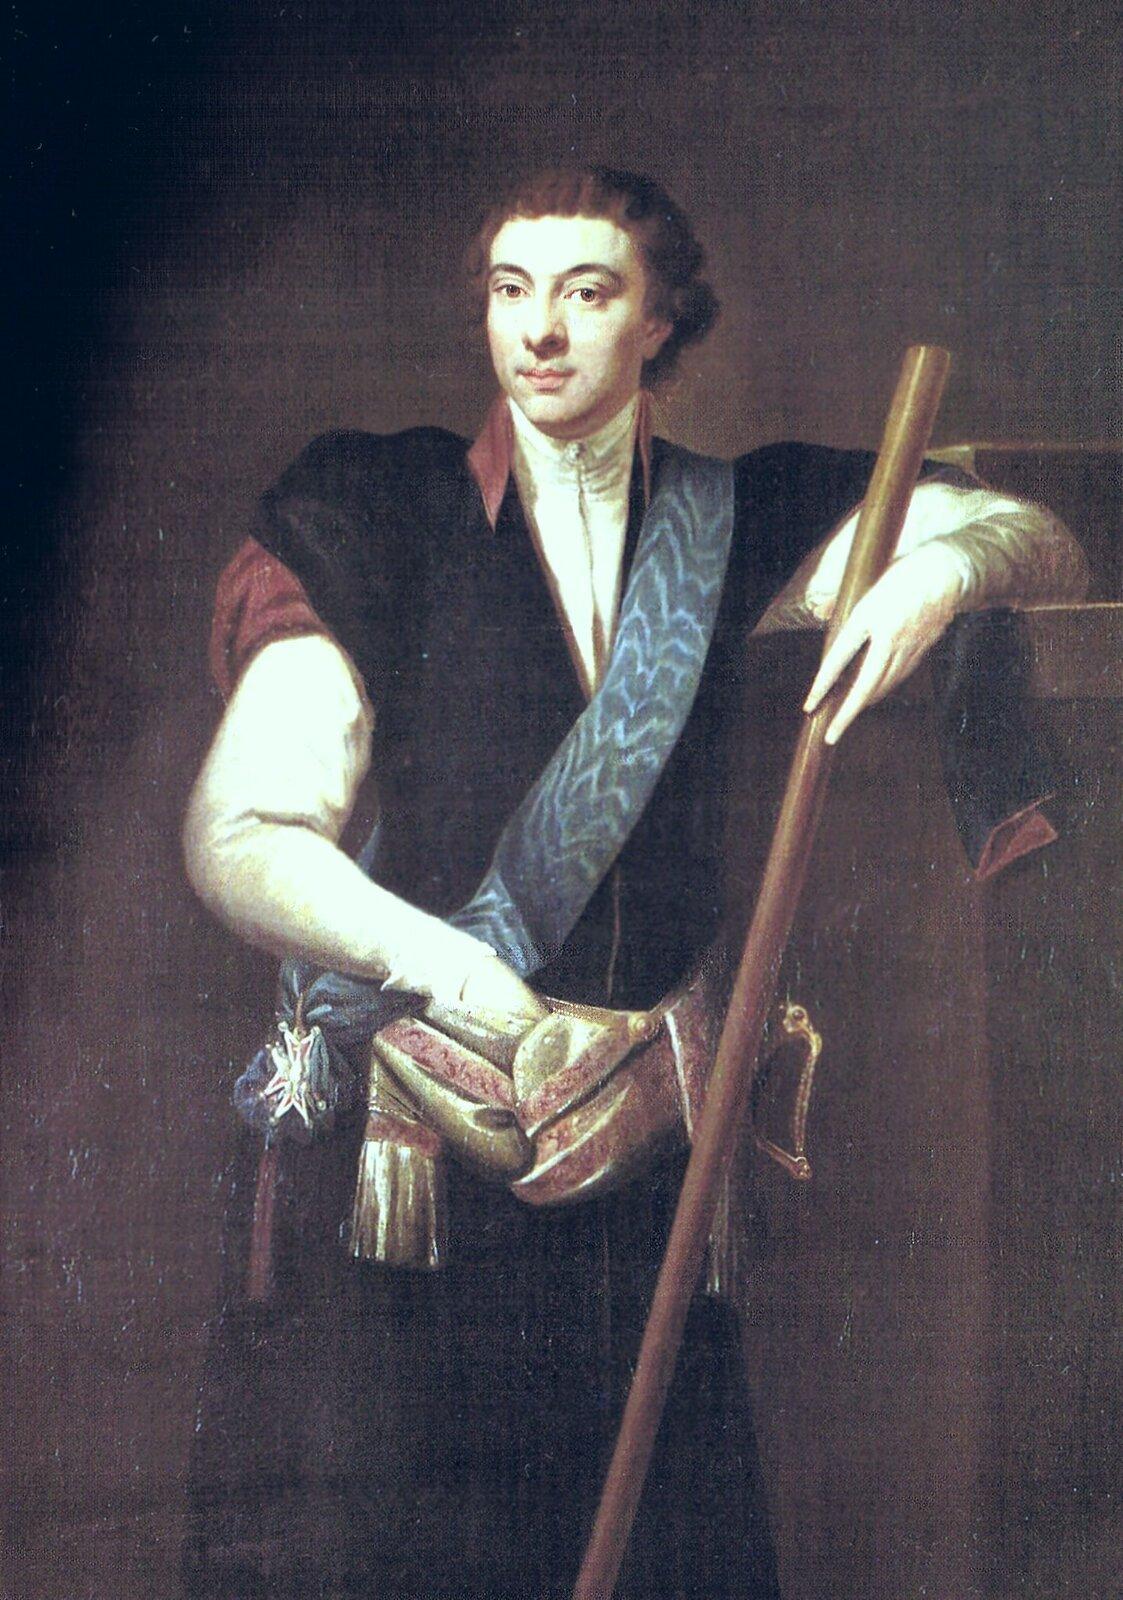 Marszałek Sejmu Wielkiego Kazimierz Nestor Sapieha Źródło: Józef Peszka, Marszałek Sejmu Wielkiego Kazimierz Nestor Sapieha, 1791, domena publiczna.